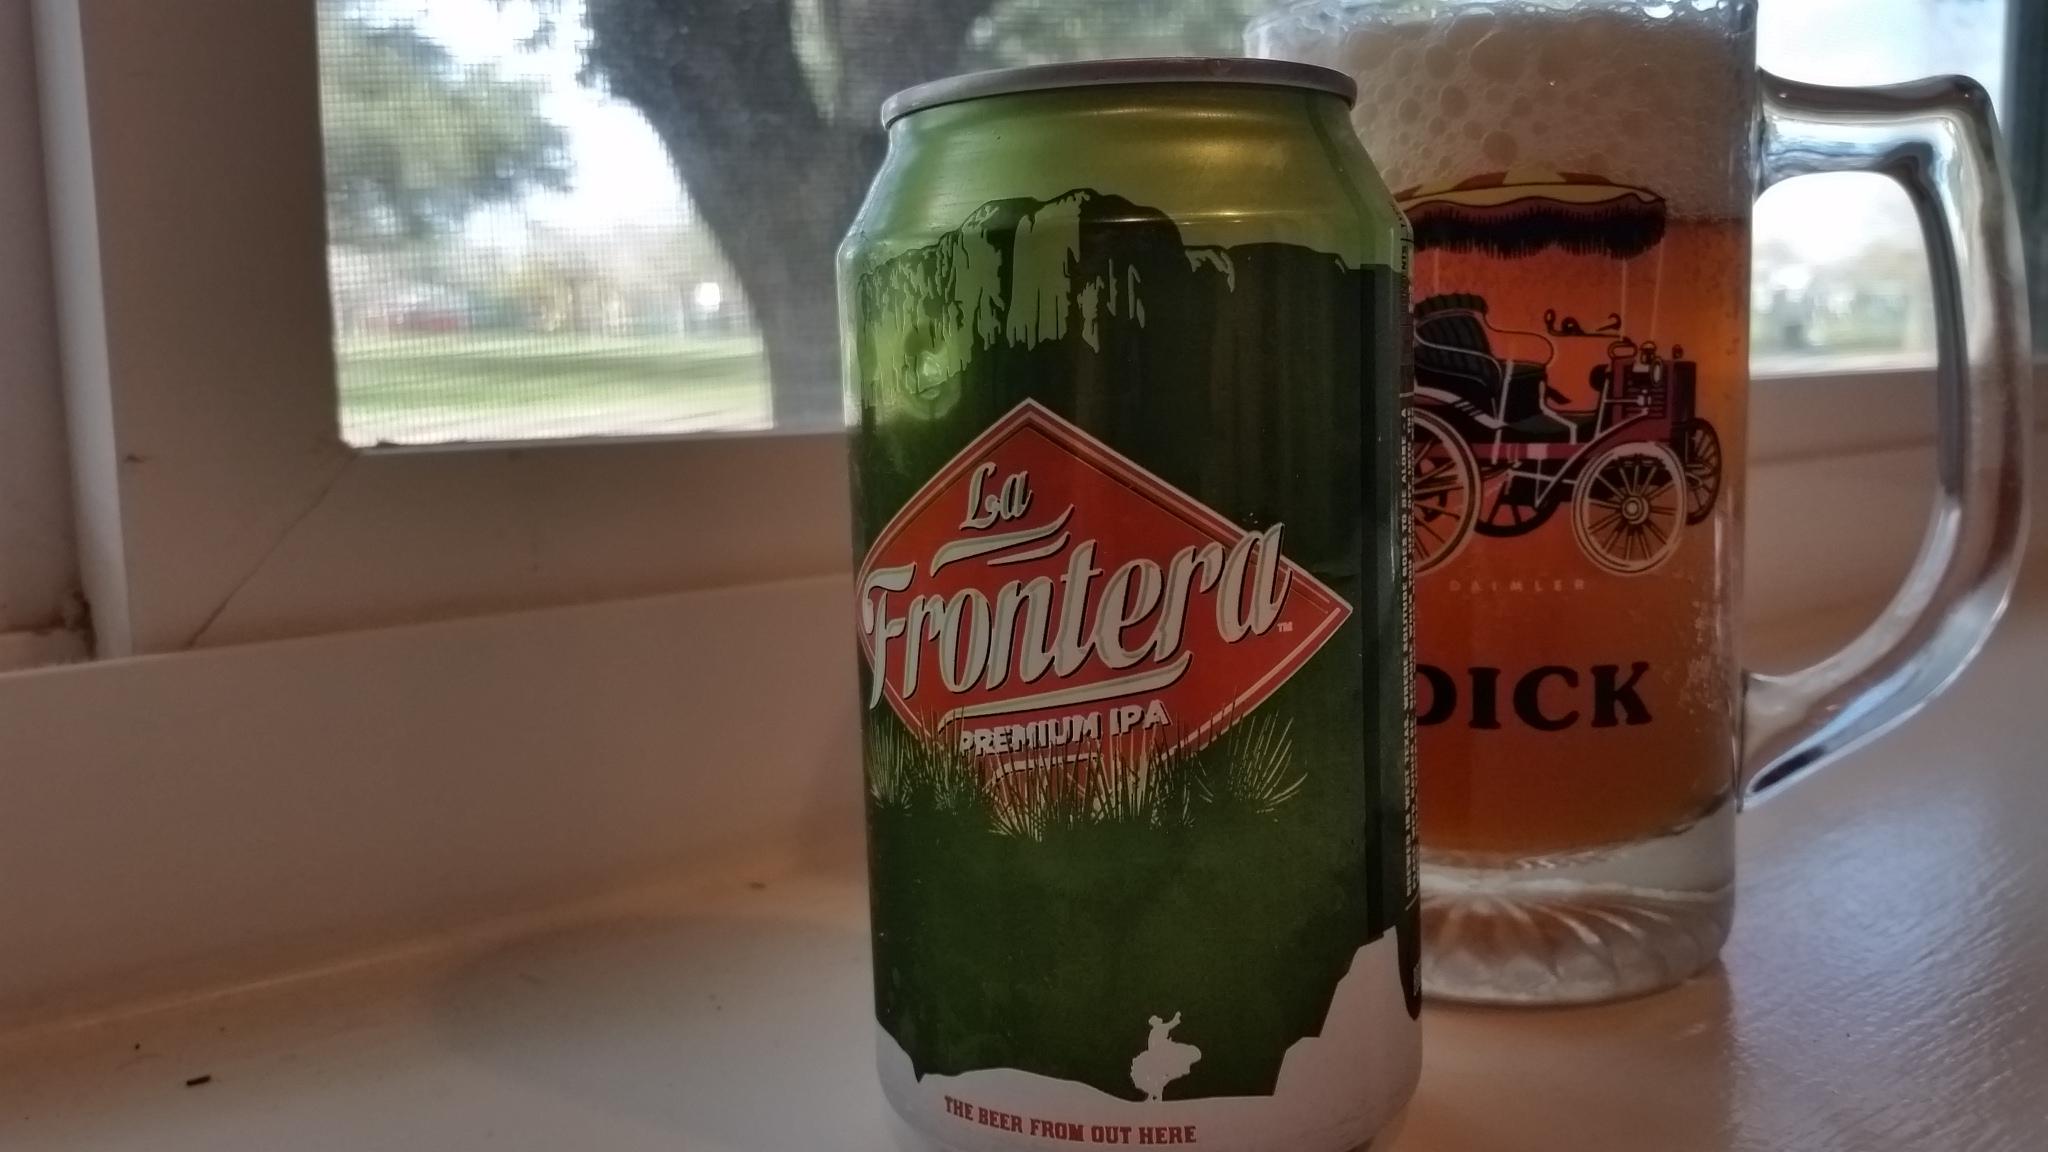 Big Bend Brewing's La Frontera. A fantastic premium IPA.